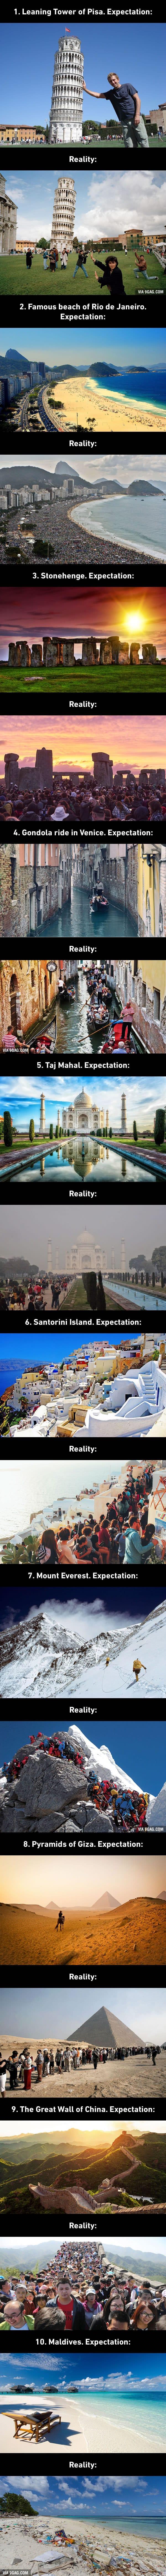 travel expectations v reality